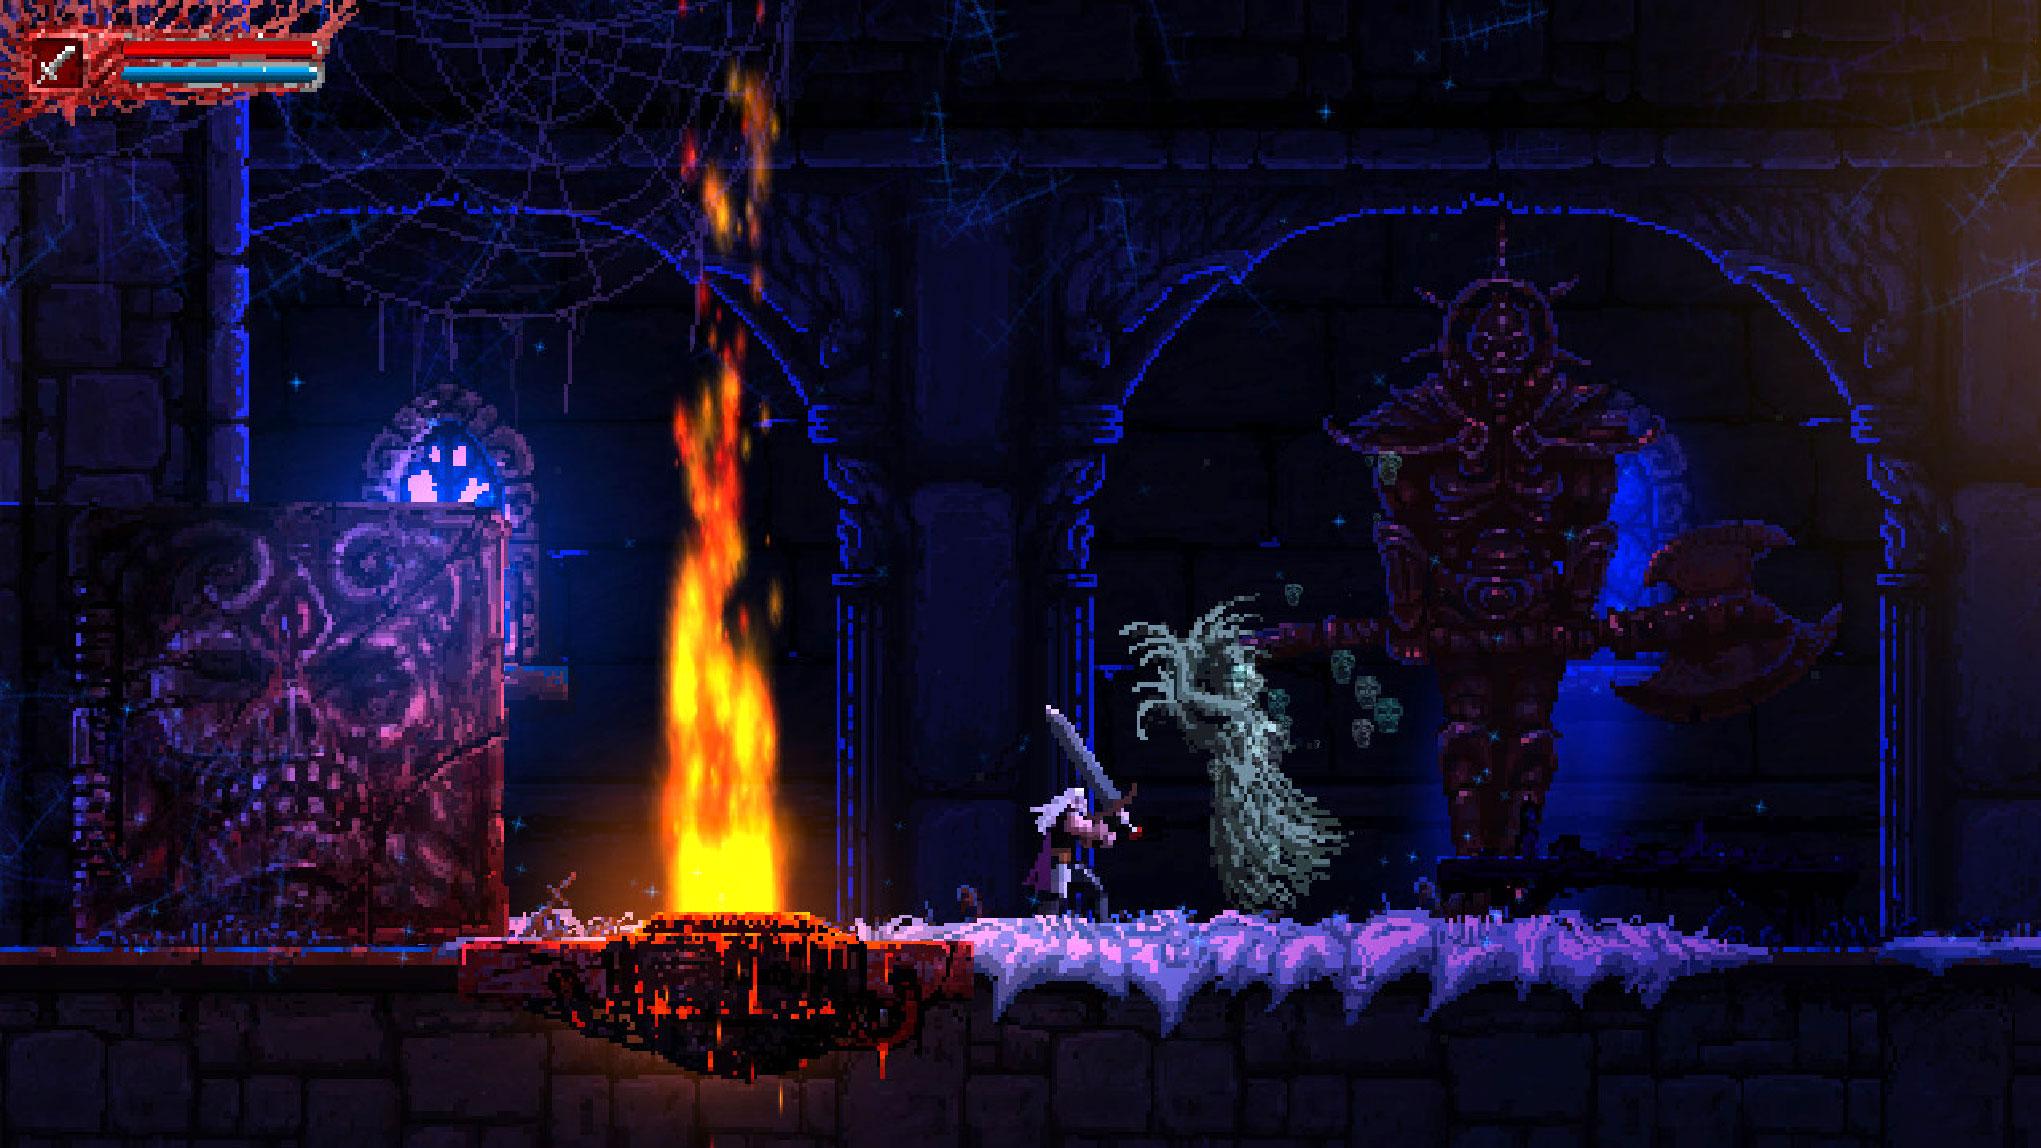 """""""Castlevania""""-Klon im Blutrausch: Wie im großem Vorbild metzelt sich auch in """"Slain"""" ein Held mit langer Pixel-Mähne durch eine mit arglistigen Fallen und garstigen Monstrositäten gespickte Gothic-Kulisse. • ab 13.09. für PS4, PS Vita, Xbox One, WiiU"""